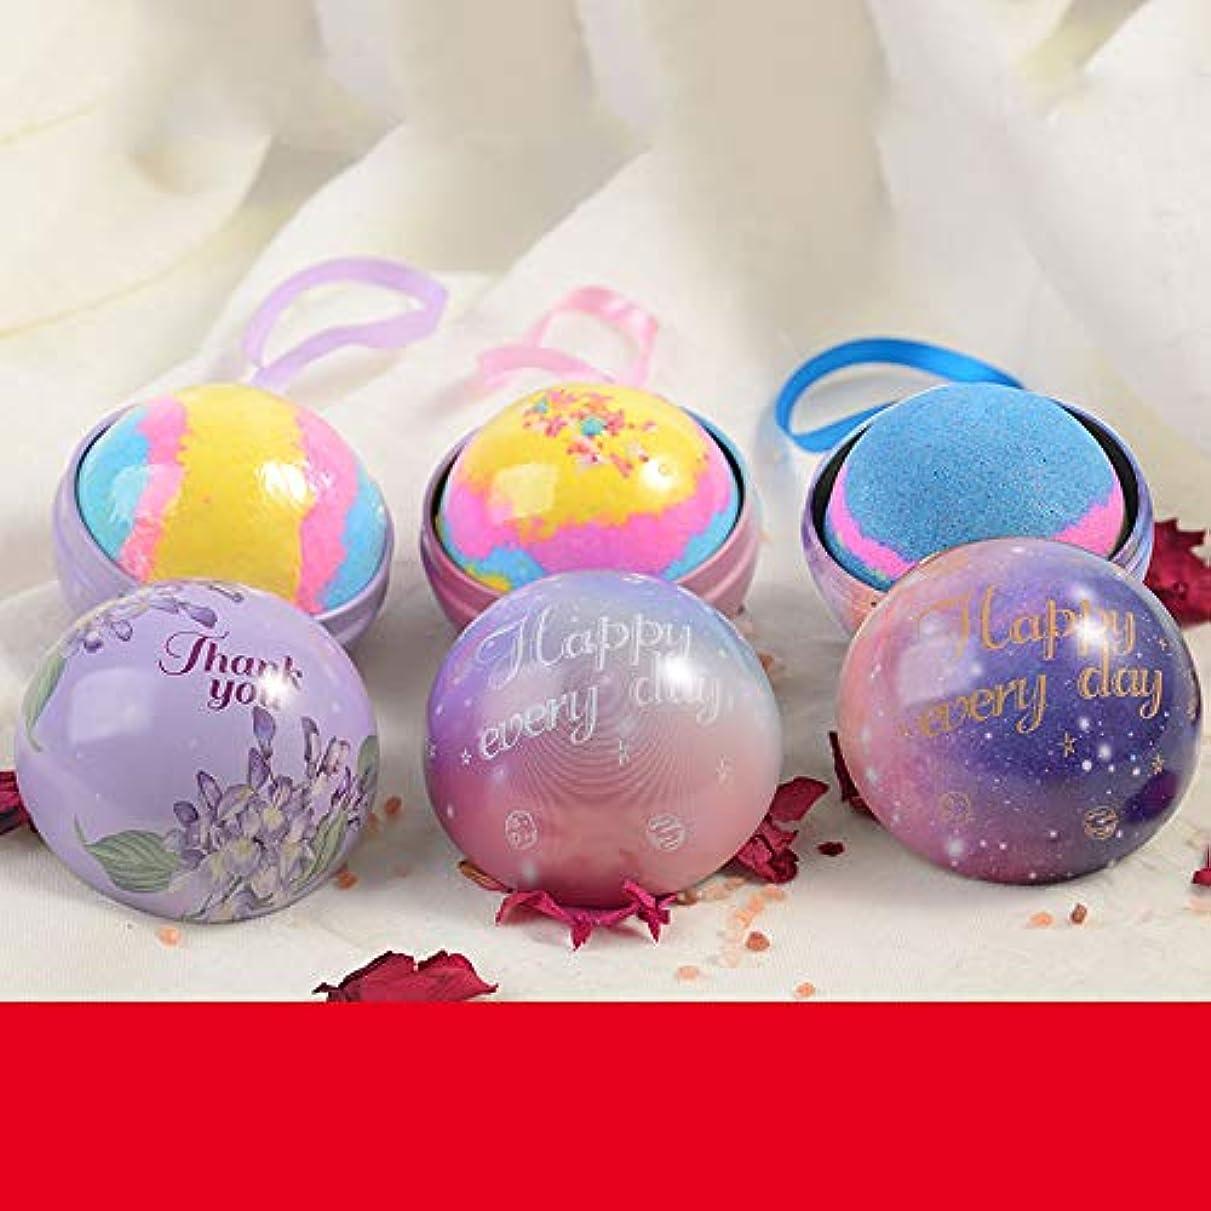 無効プレミアムハントバスボム 入浴剤 炭酸 バスボール 6つの香り 手作り 入浴料 うるおいプラス お風呂用 入浴剤 ギフトセット3枚 贈り物 プレゼント最適